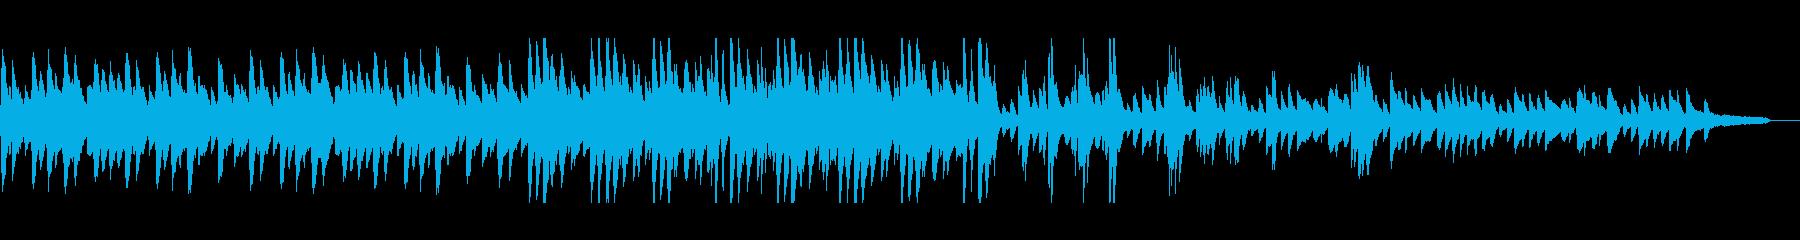 アンニュイでやや暖かみのあるピアノソロ の再生済みの波形